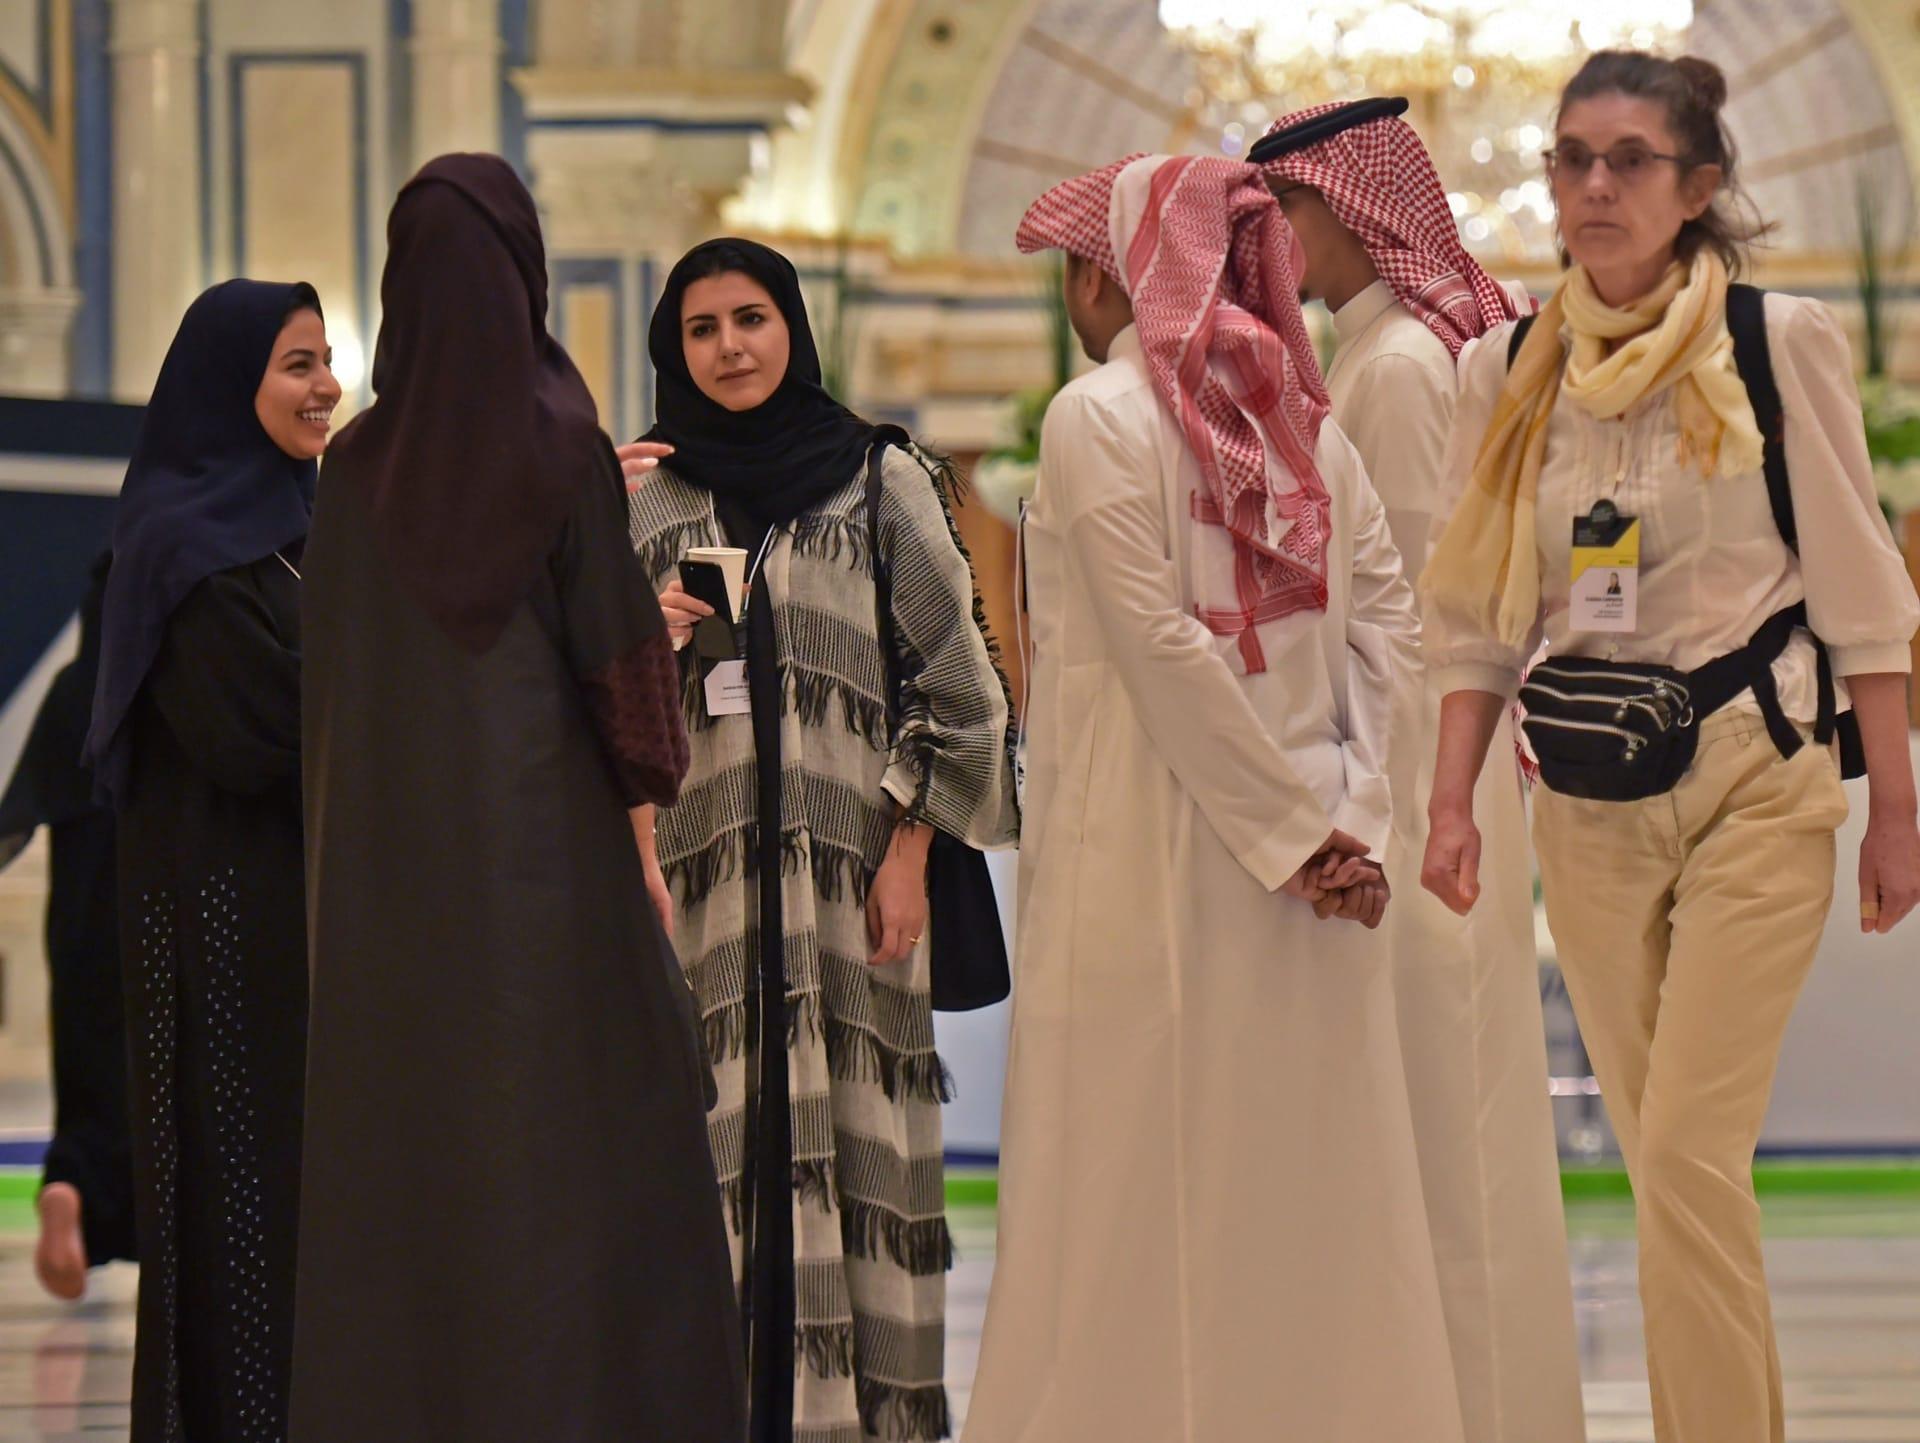 السعودية تؤكد استمرار برامج توطين مواطنيها في المِهن بعد جدل حول إلغائها